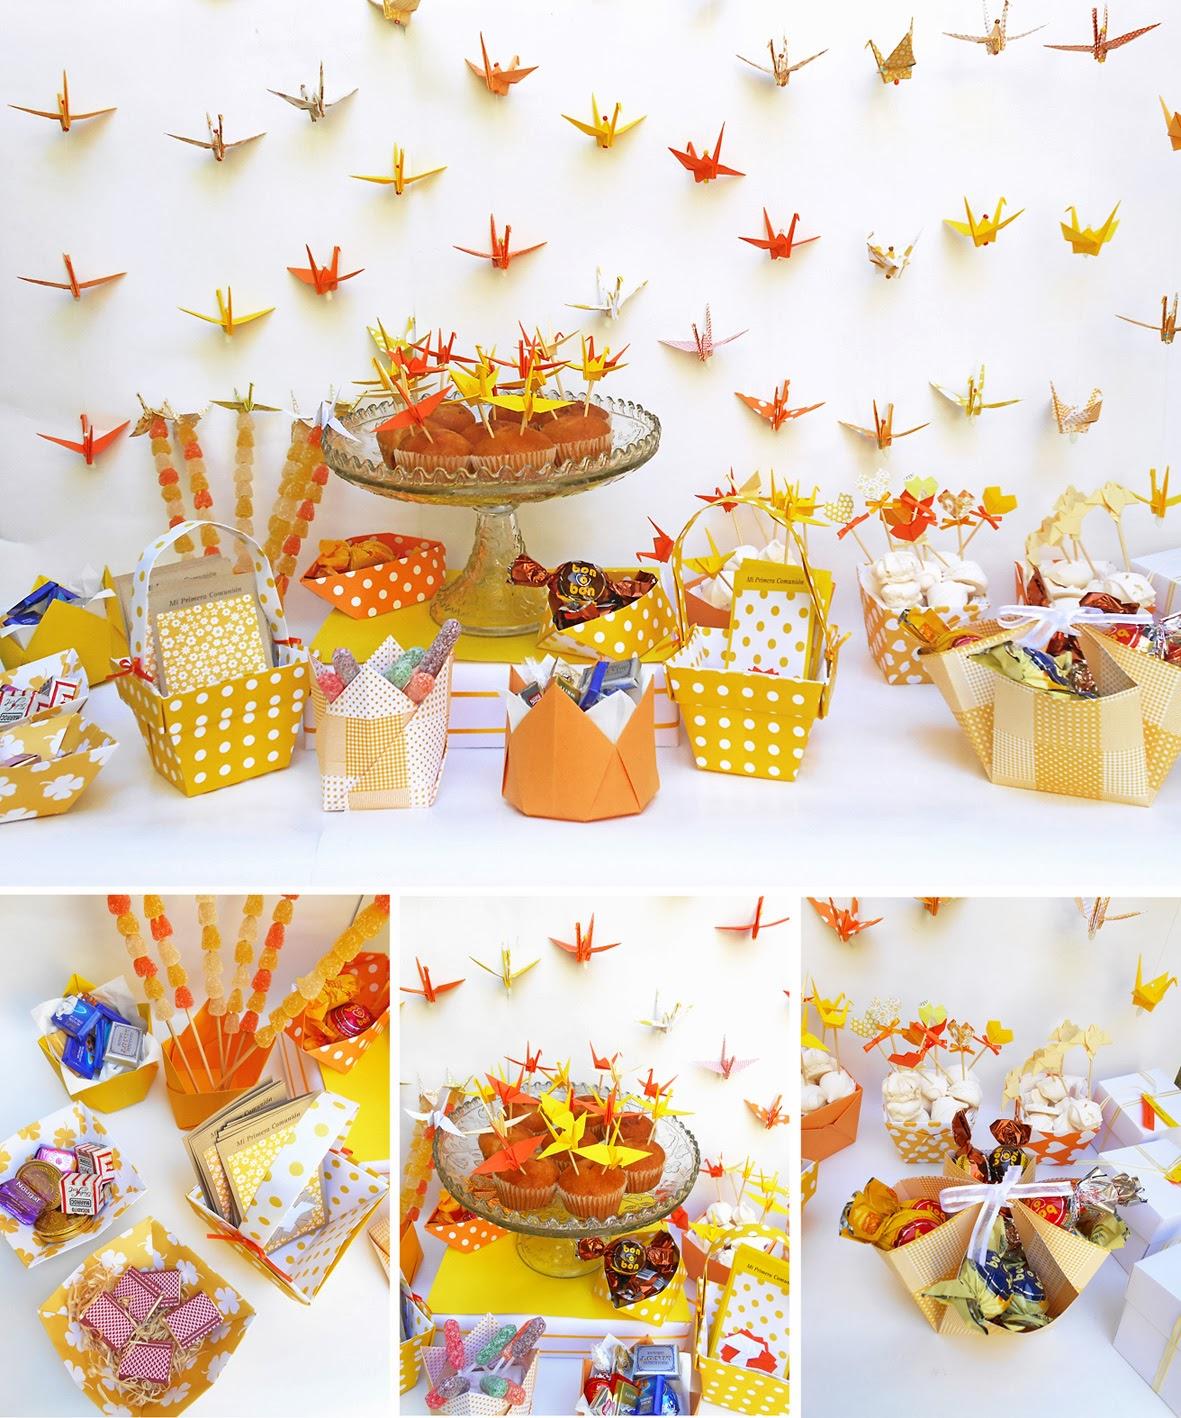 Origami Decoracion De Mesa ~ Linda escolha das cores  Papel na decora??o  Pinterest